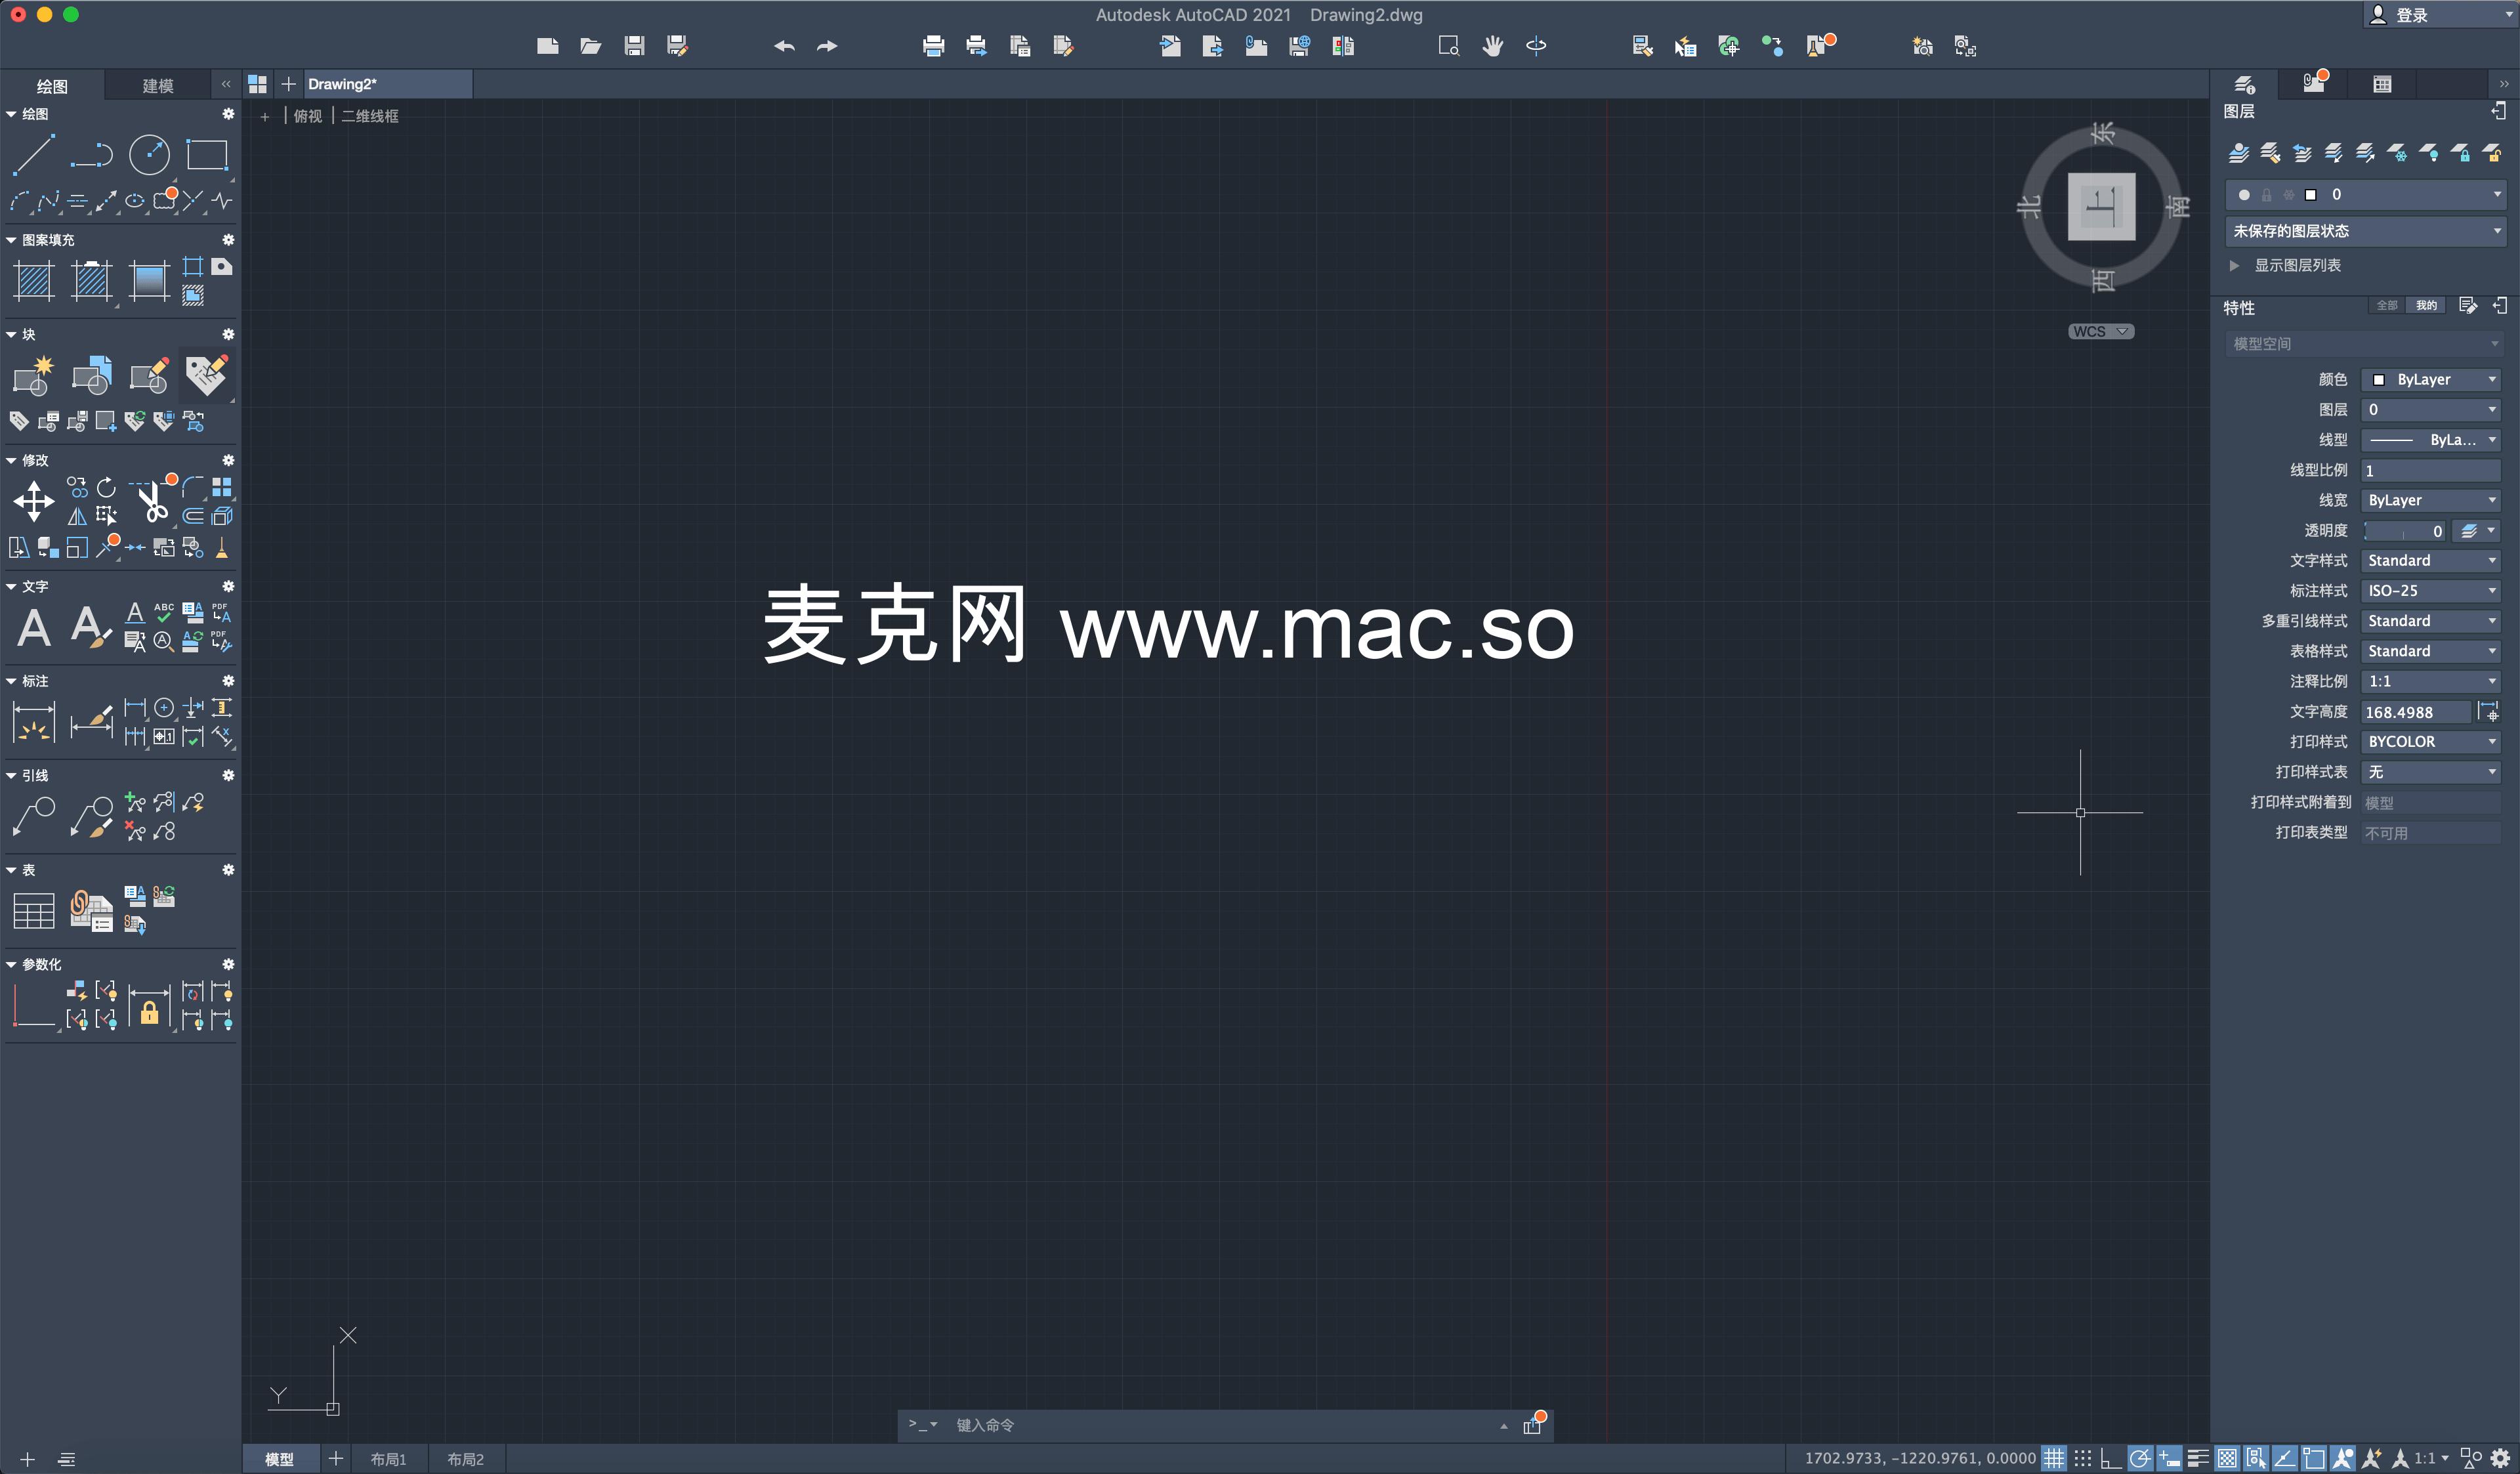 autocad mac 中文 版